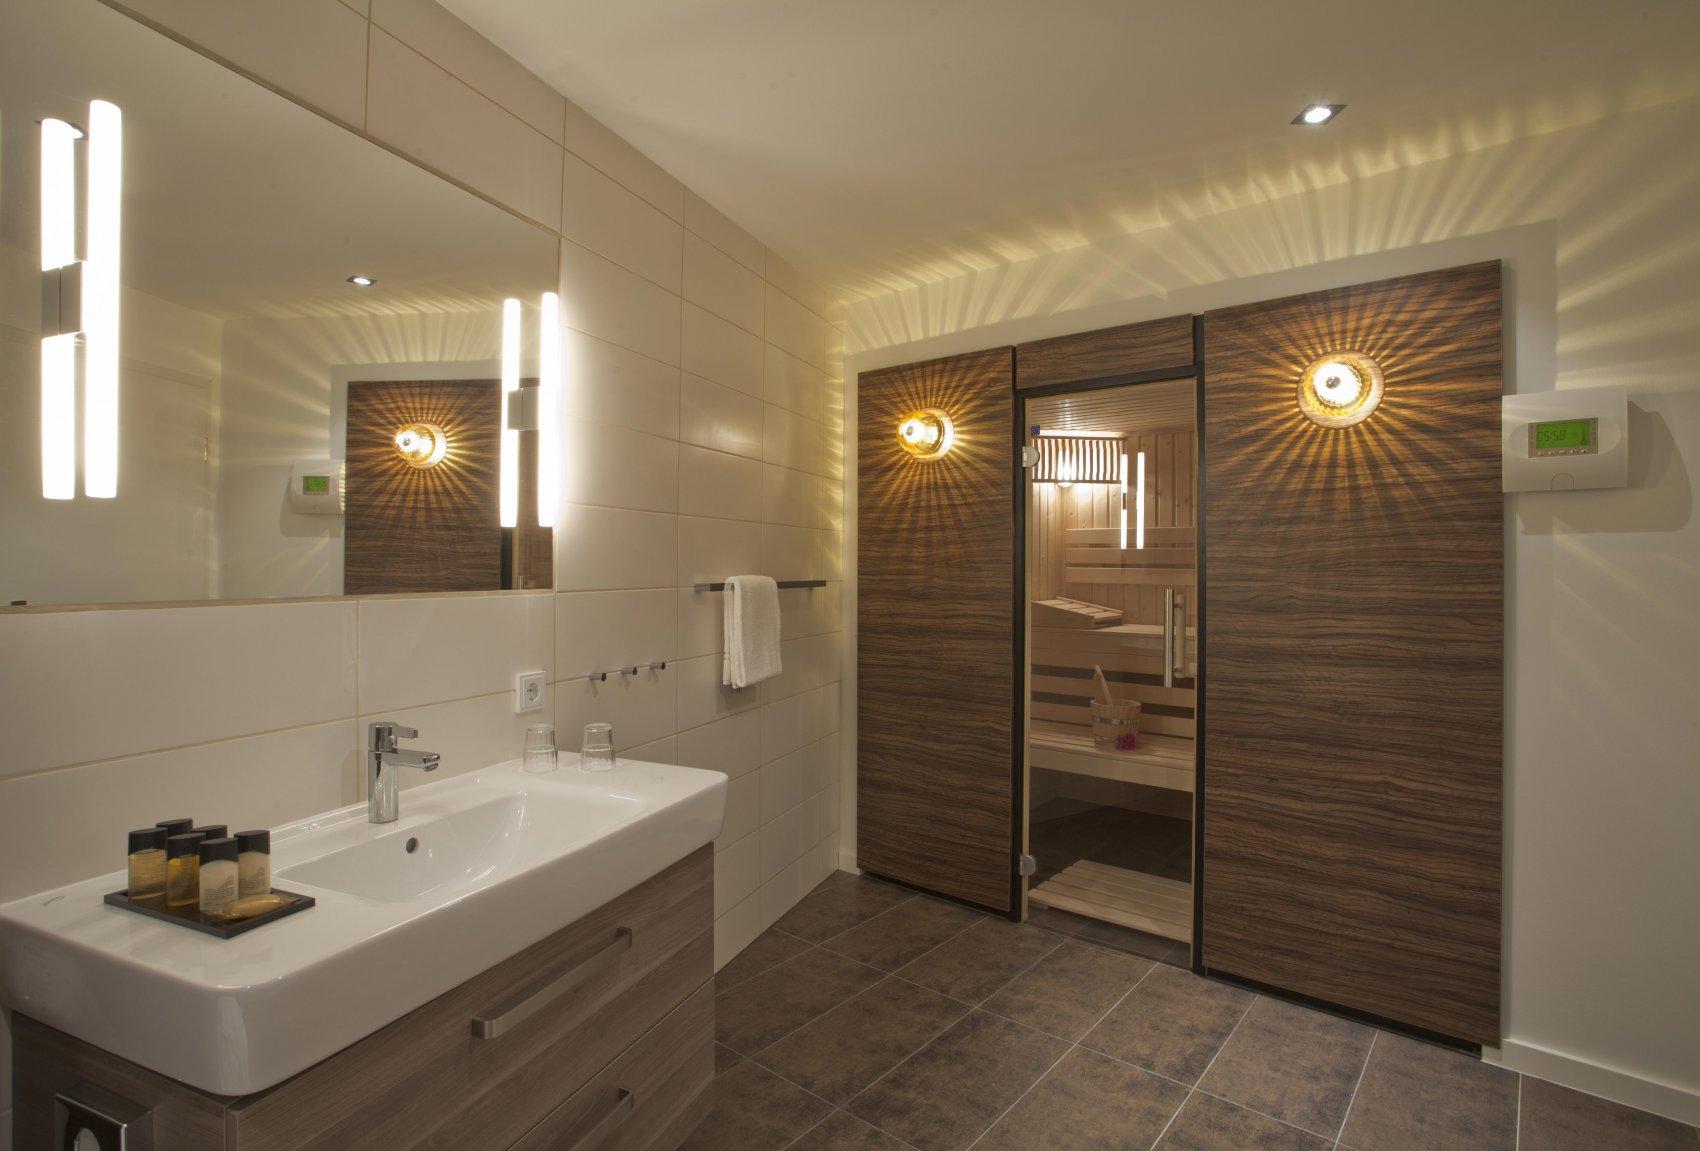 gewinnspiele ostsee schleswig holstein. Black Bedroom Furniture Sets. Home Design Ideas